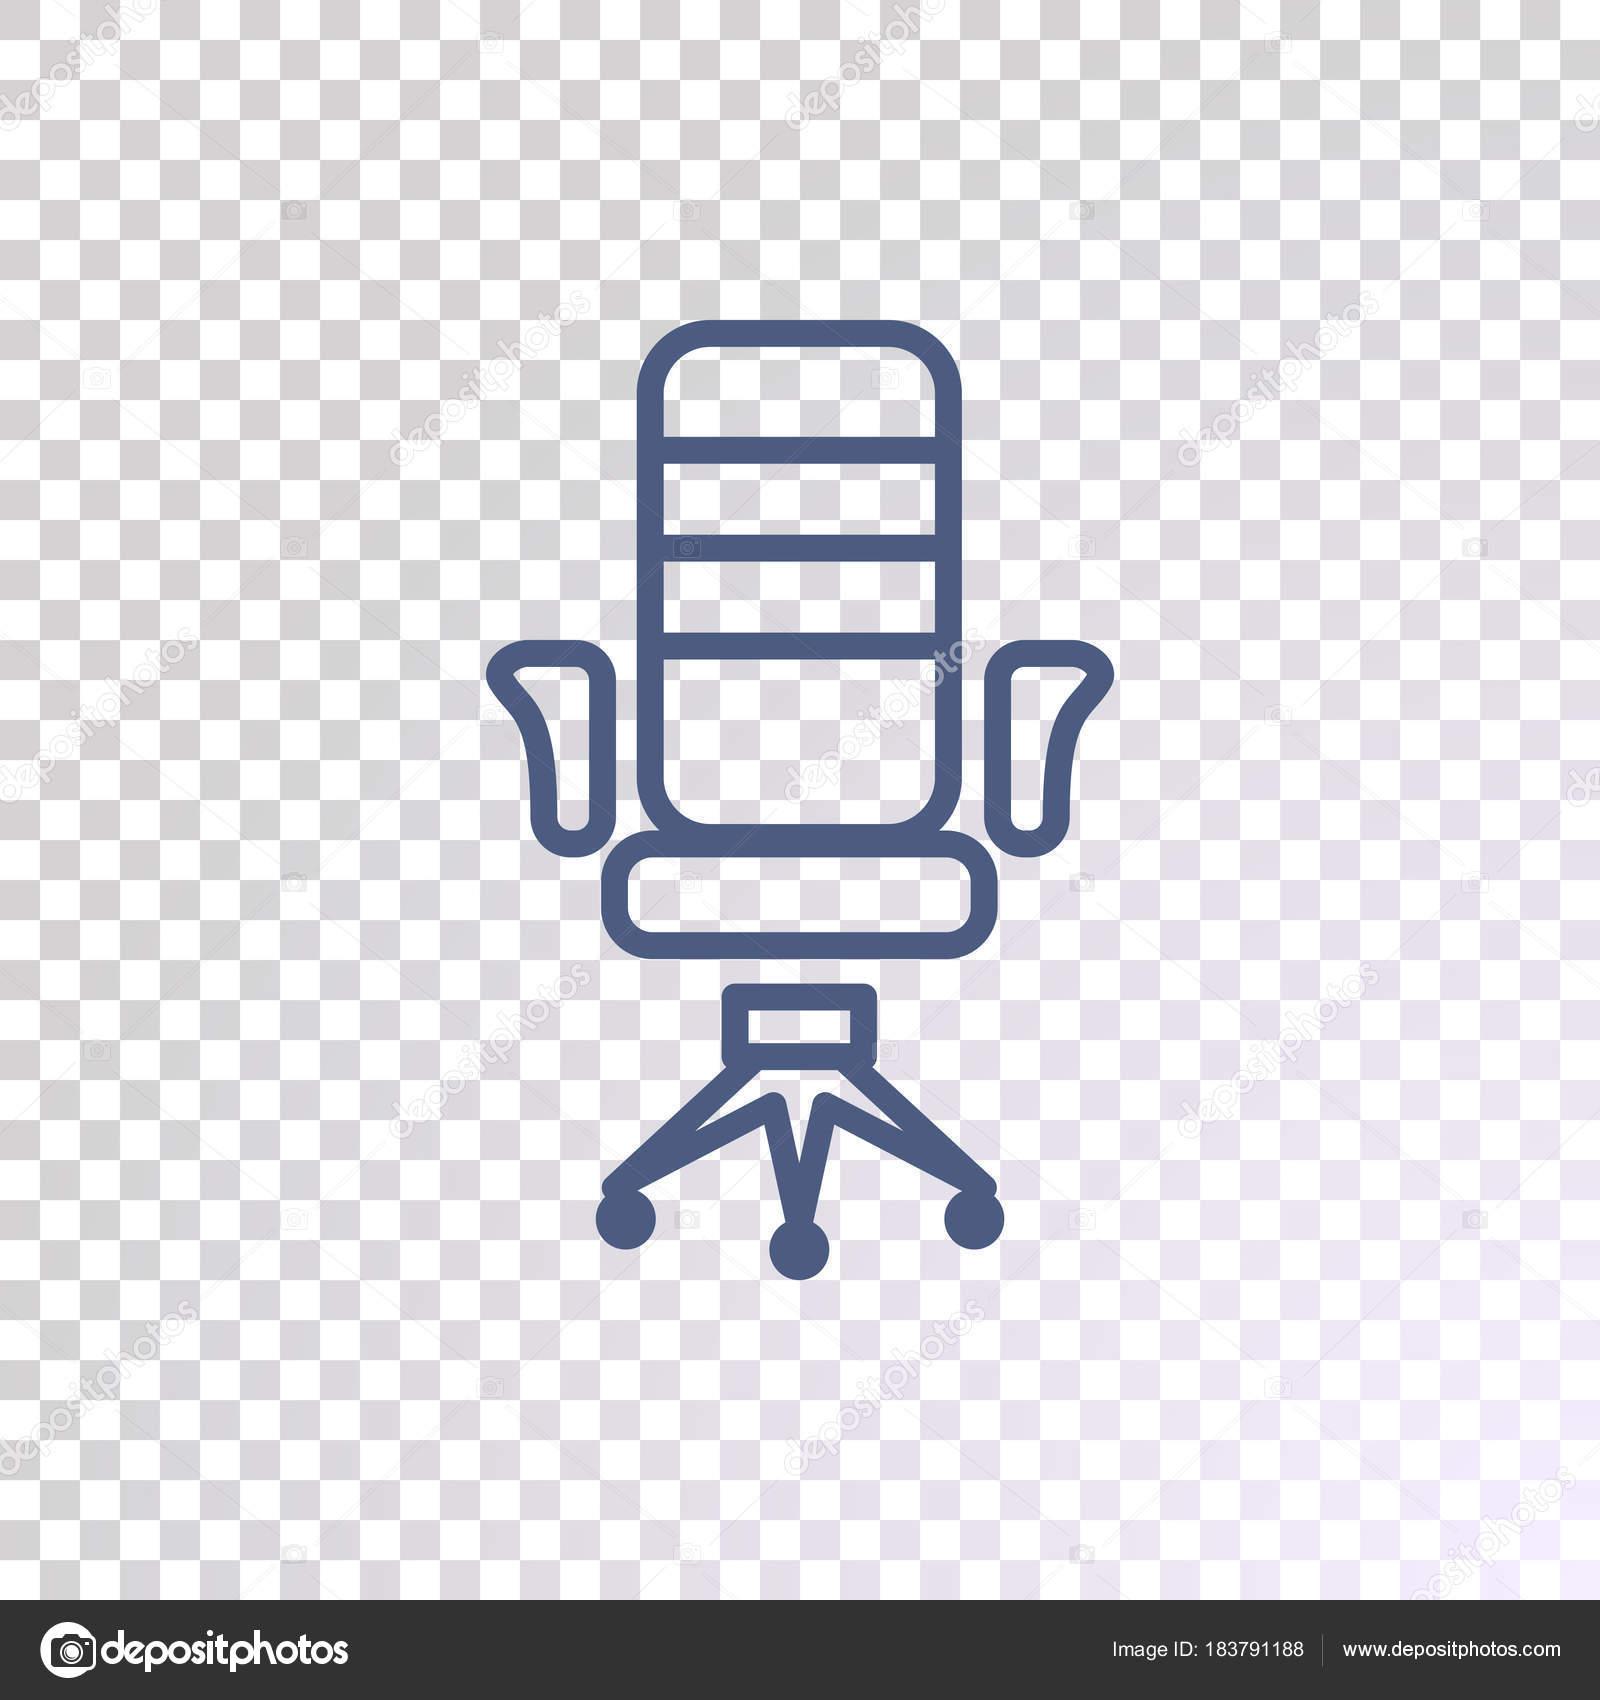 Icone Chaise Bureau Sur Fond Transparent Image Vectorielle